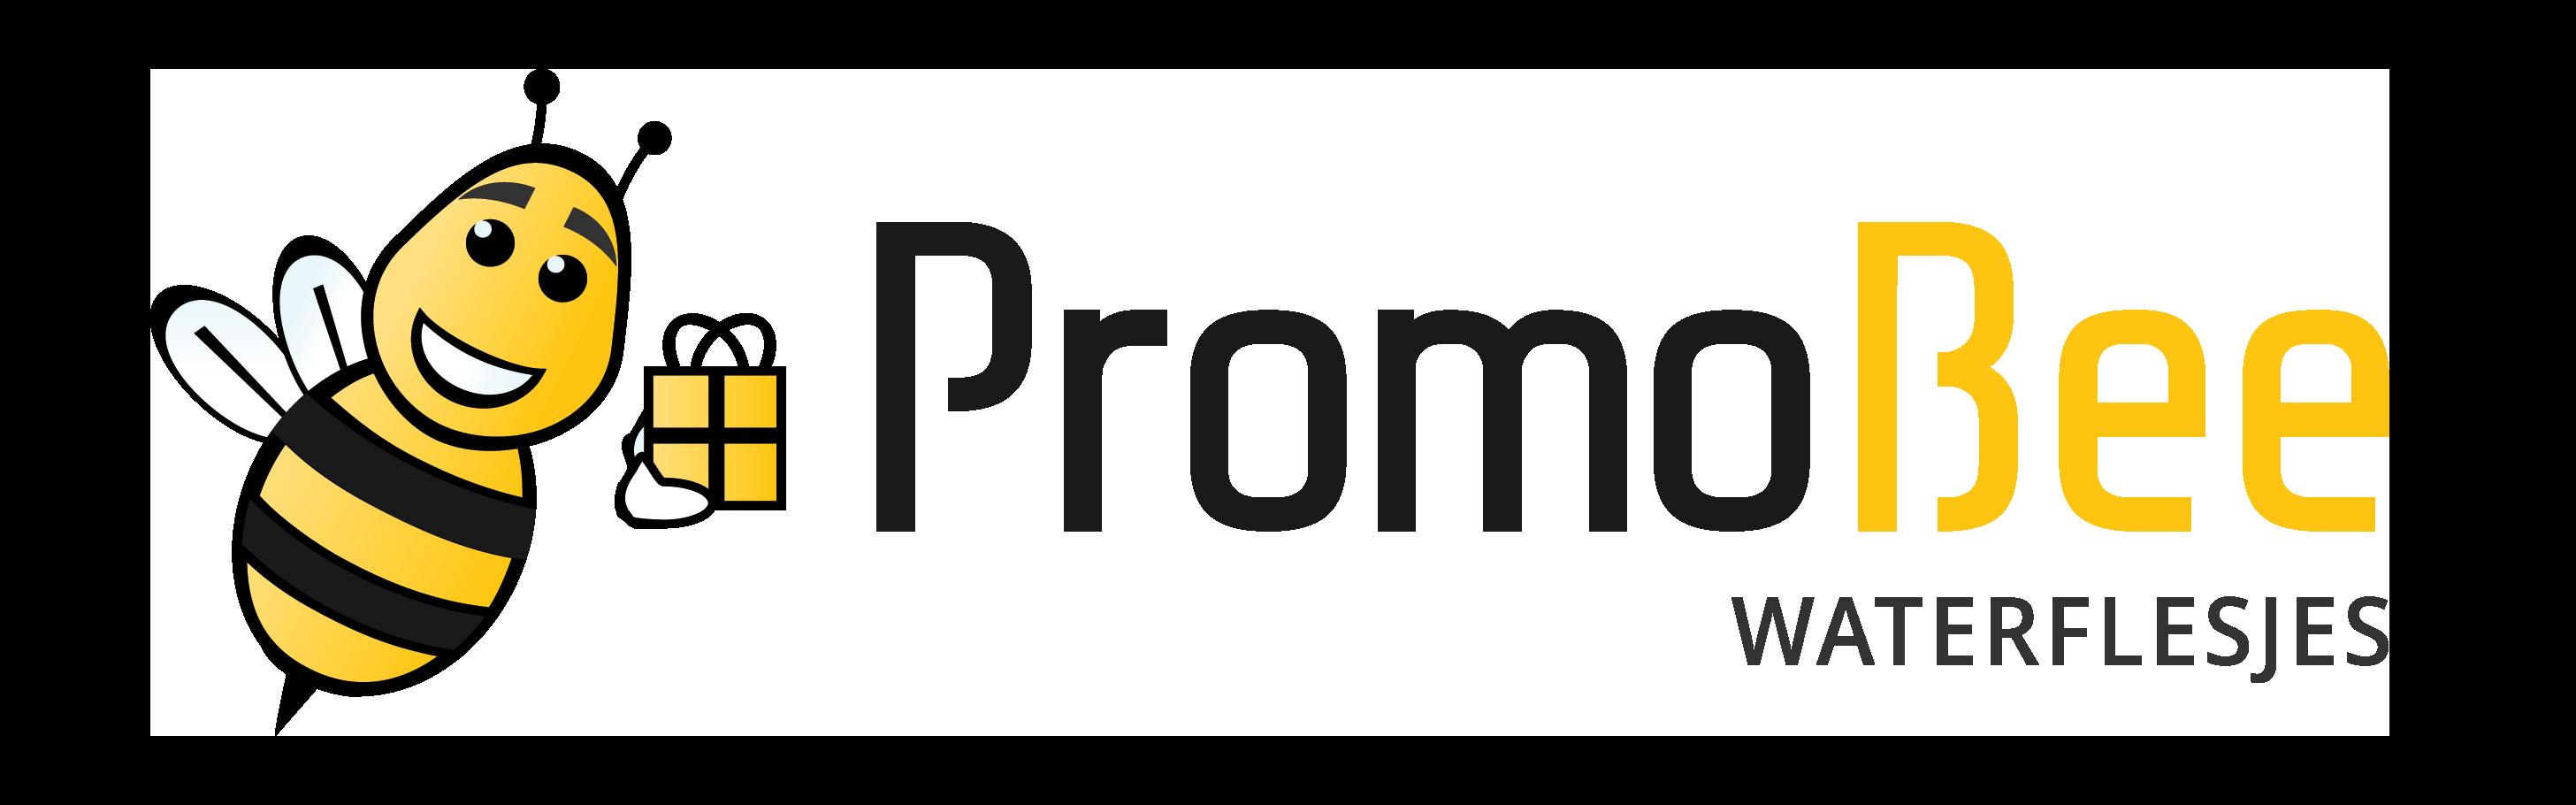 PromoBee Waterflesjes